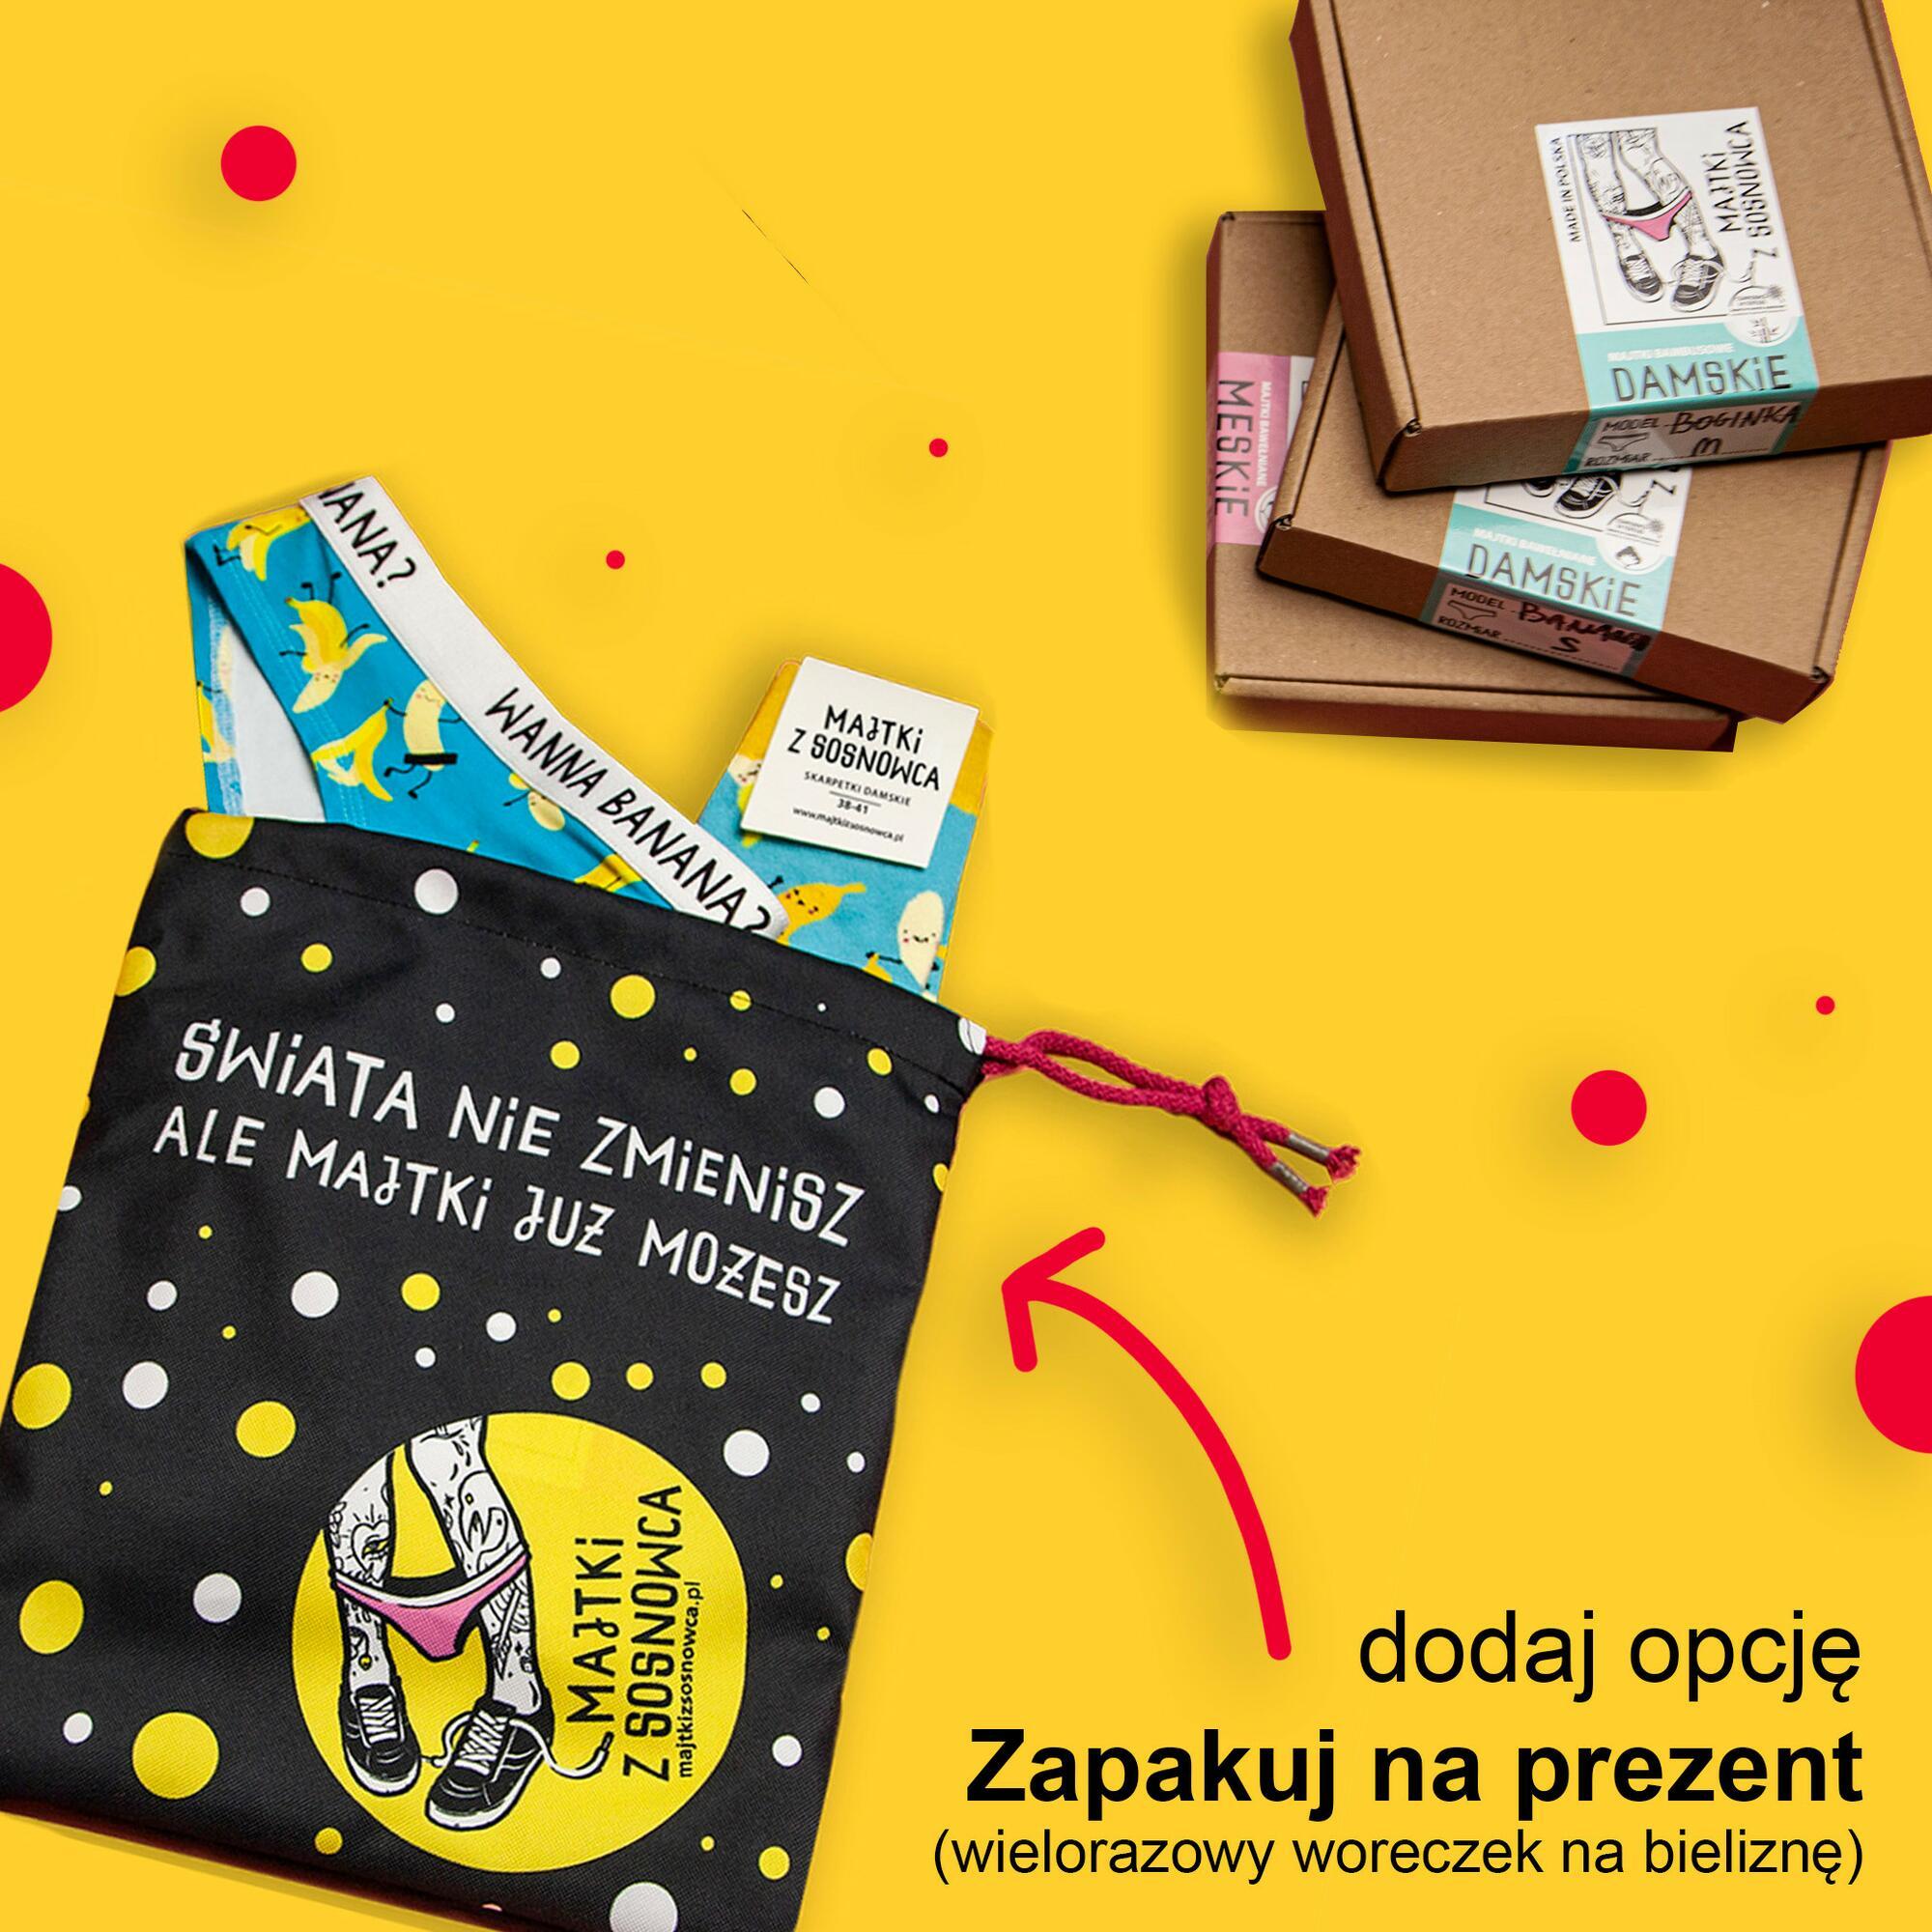 Bawełna Organiczna - Majtki z wyższym stanem bawełniane damskie - turkus - Majtki z Sosnowca by After Panty | JestemSlow.pl